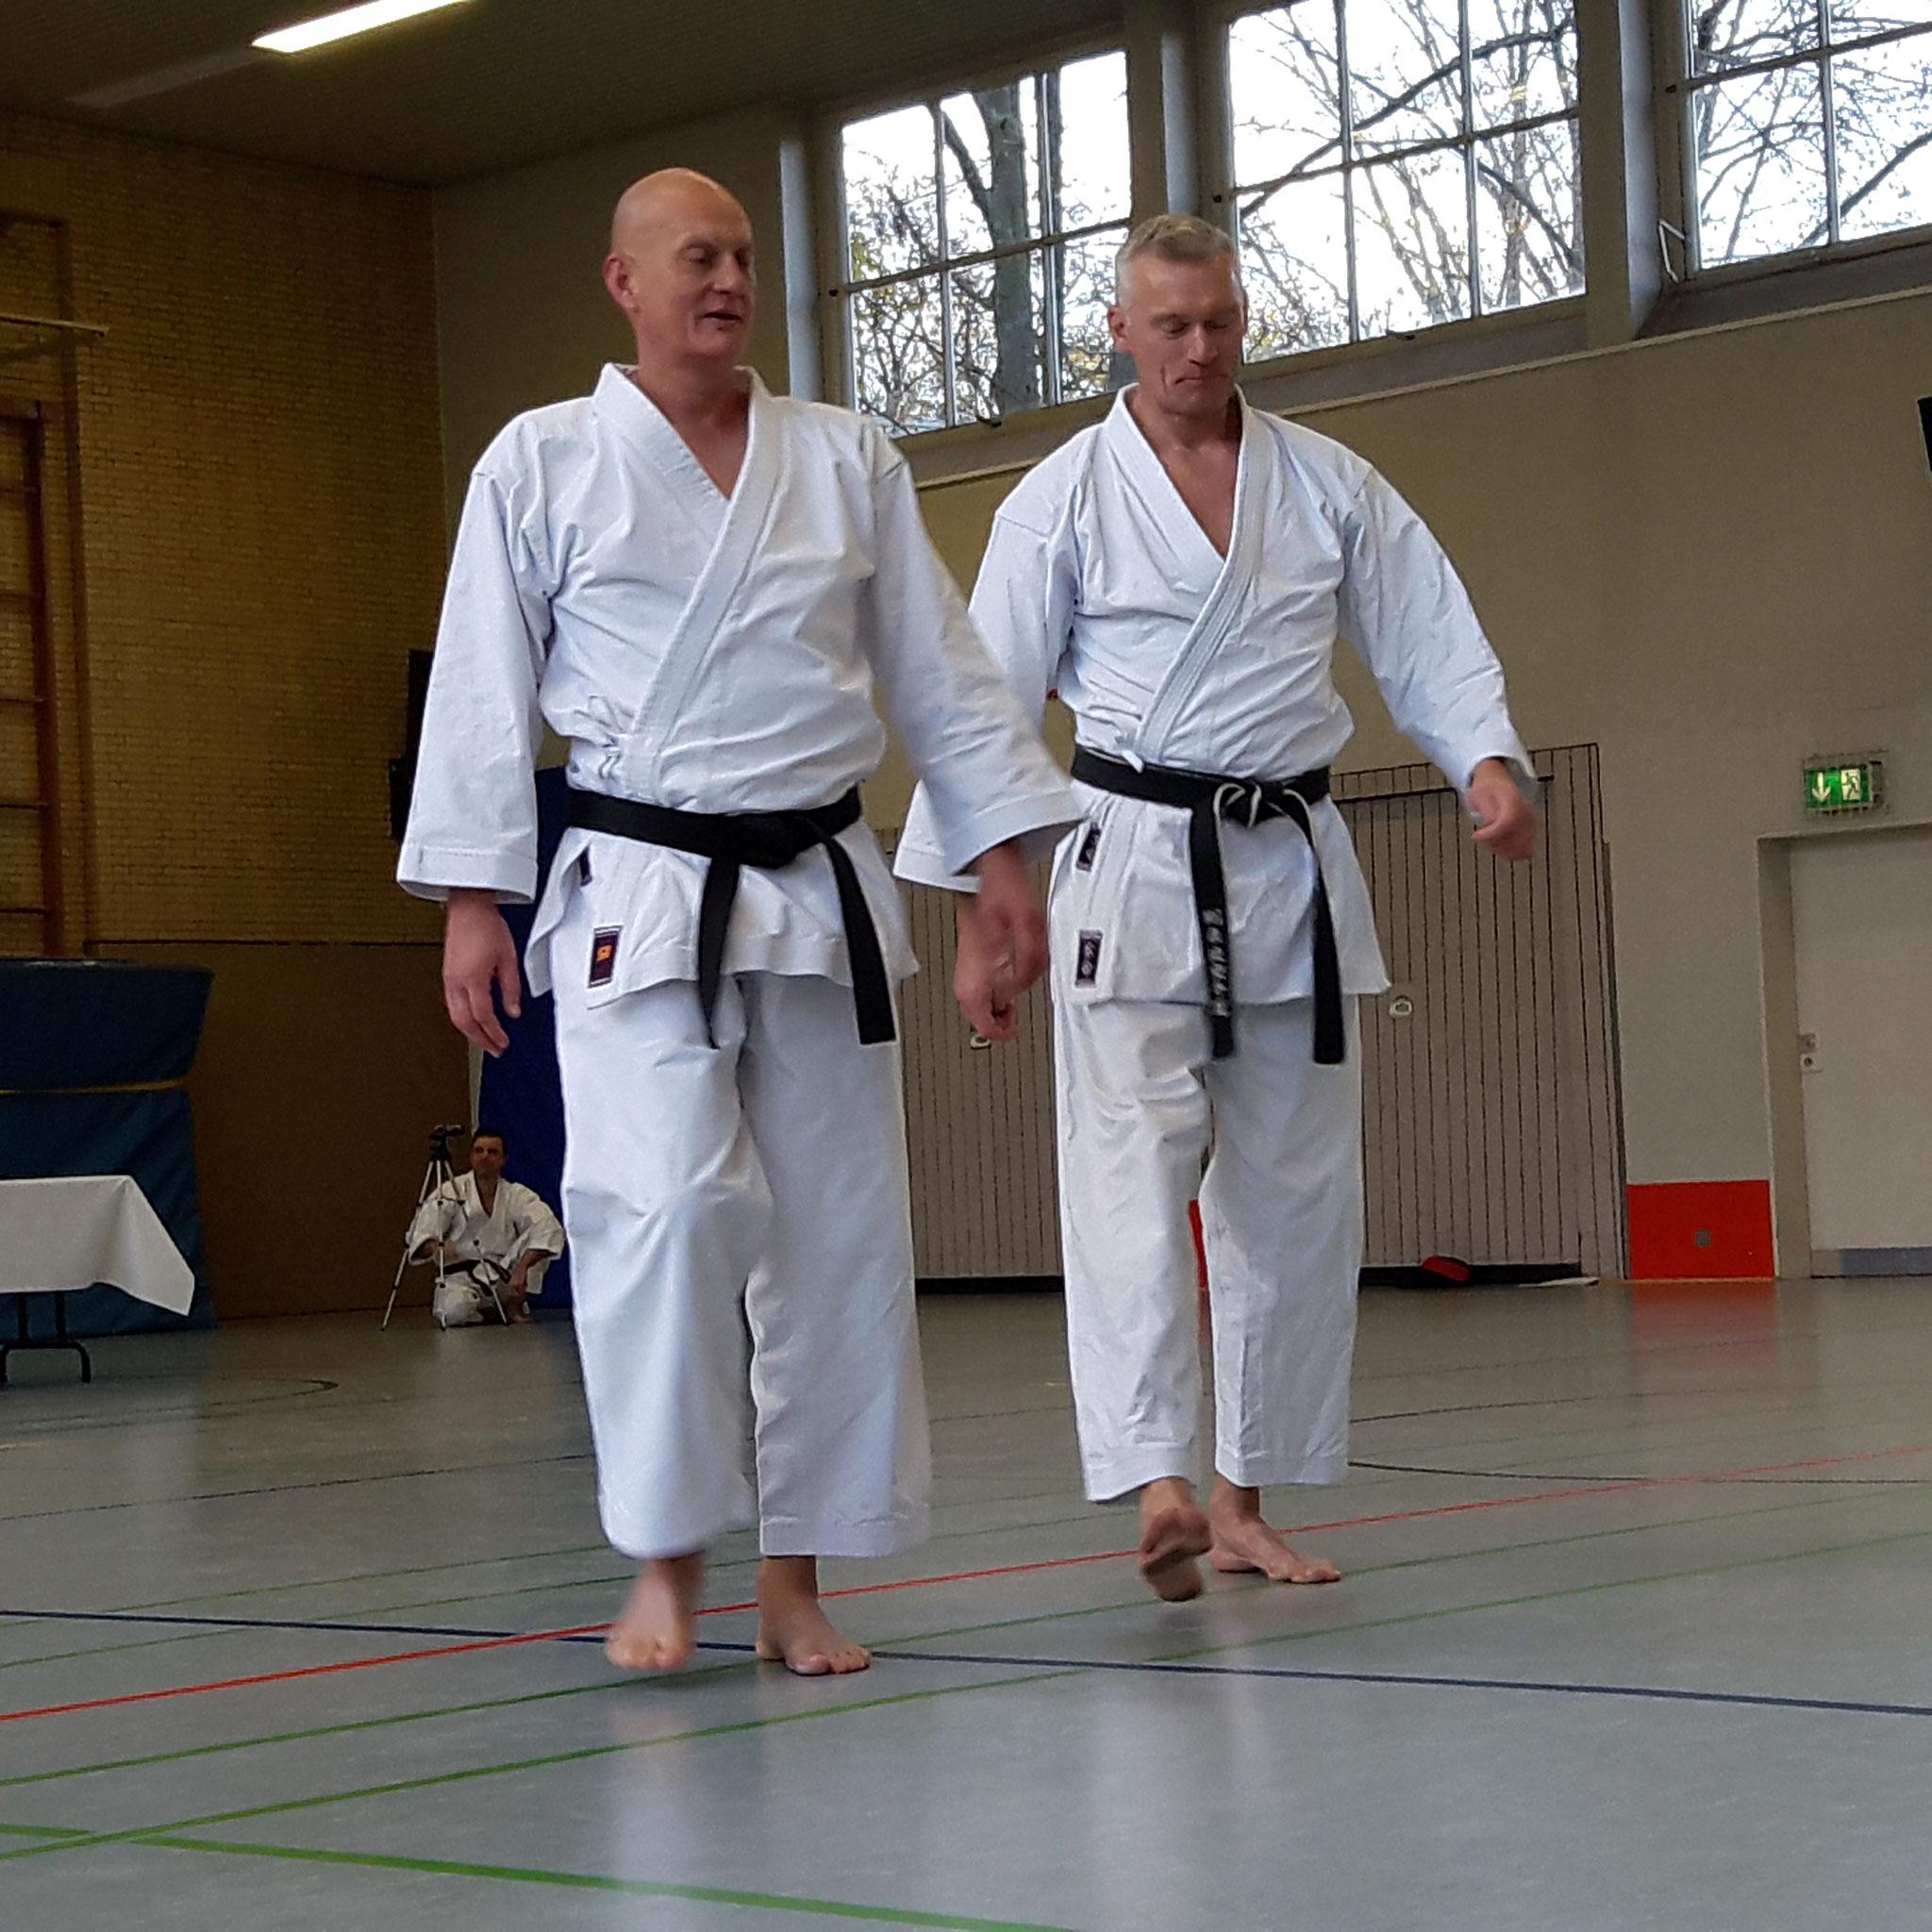 Karate Dan Prüfung von Gerd Wegner mit Partner Thomas Neumann am 23.November 2019 in Neuss